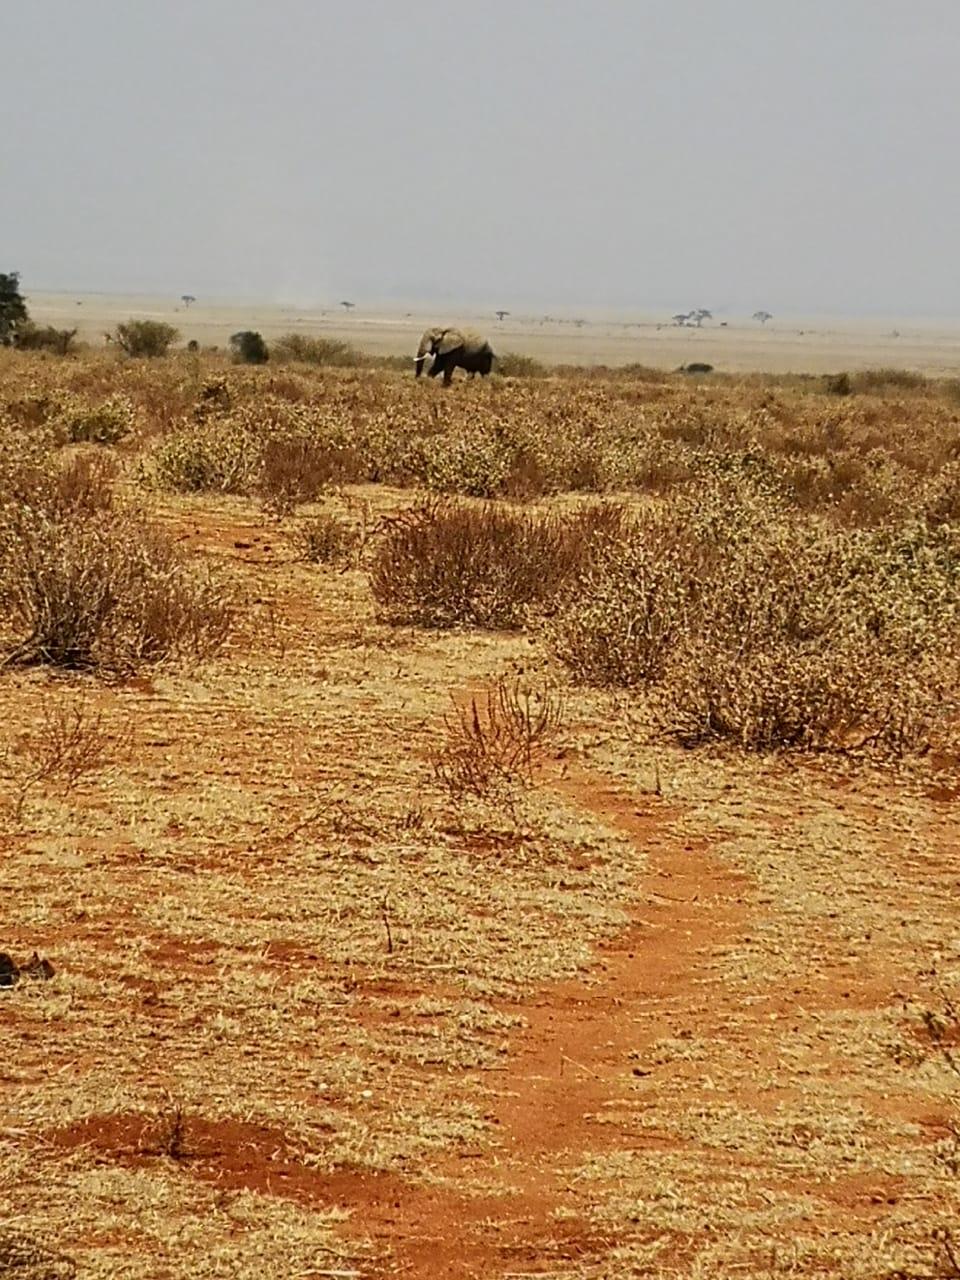 Dürre_Elefant_Amboseli Weg_IMG-20190725-WA0008